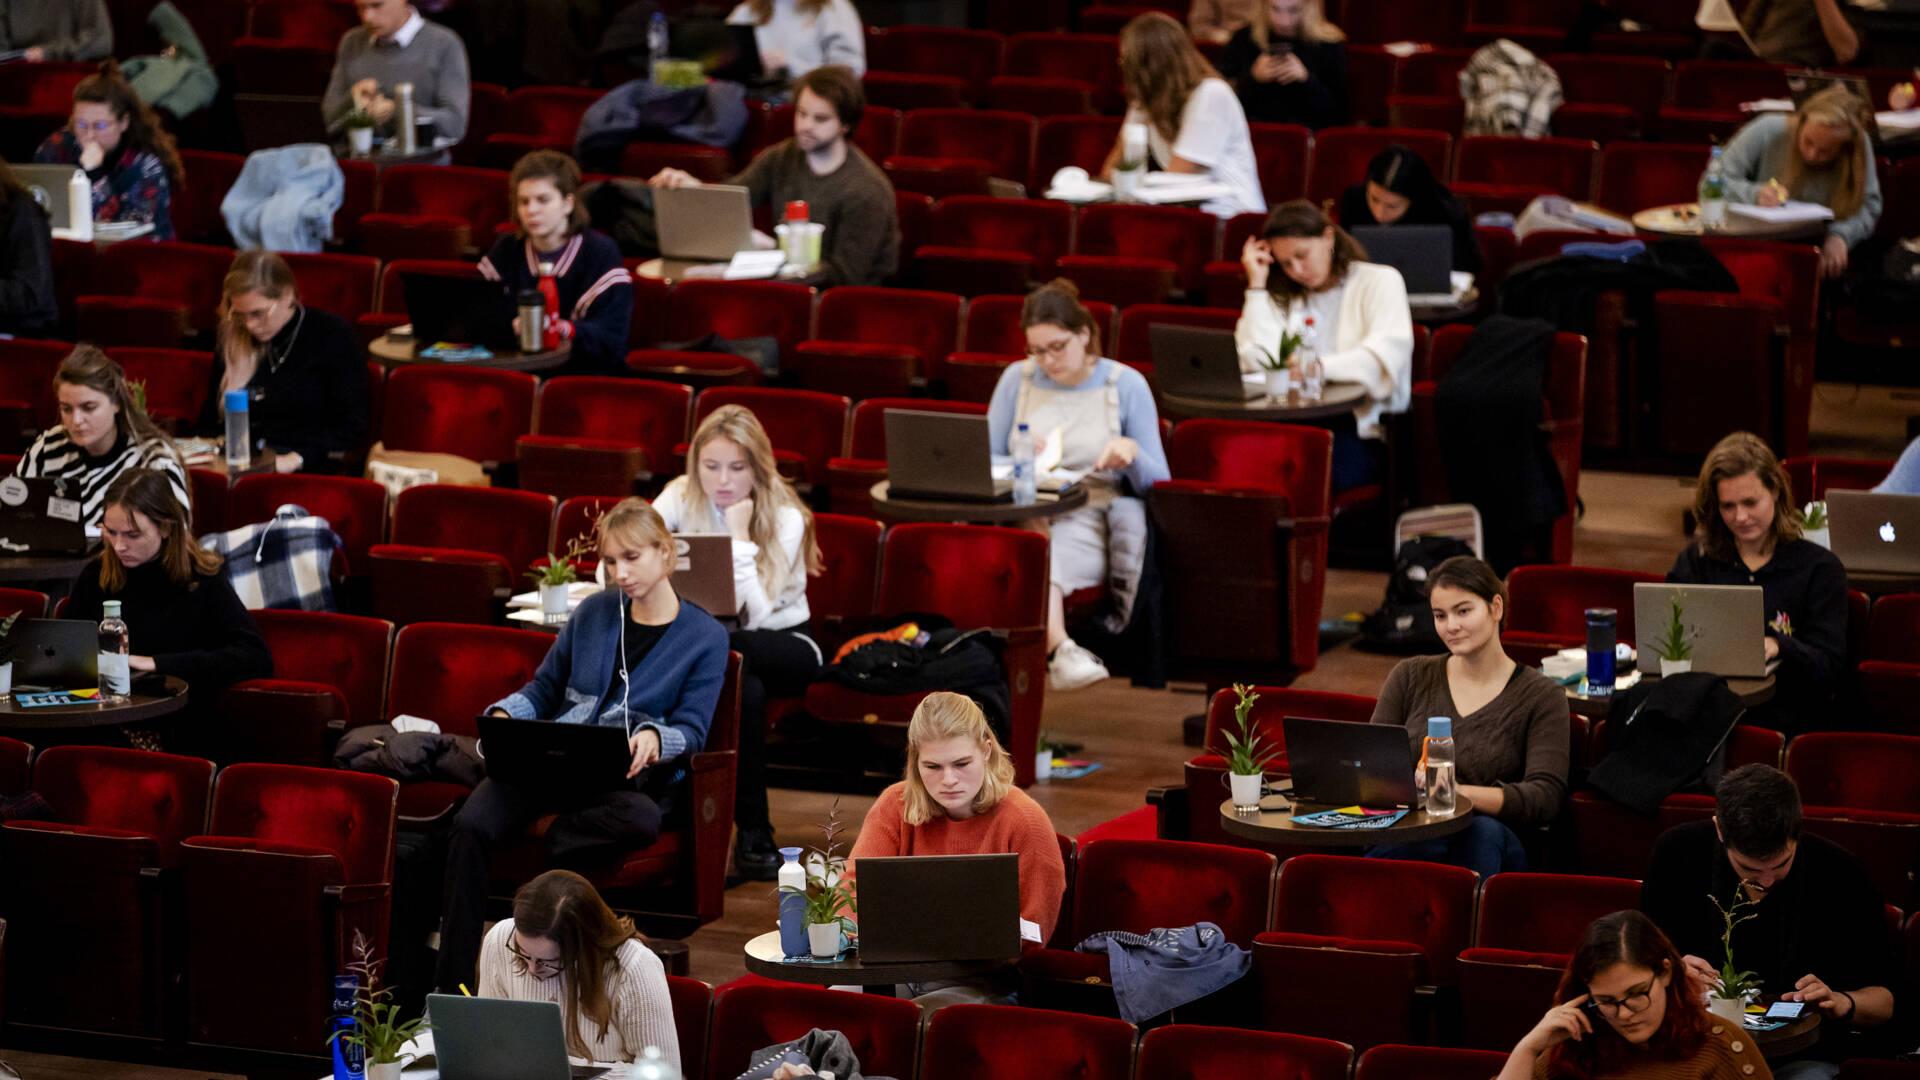 ما يقرب من 70 % من الطلاب يقترضون بمعدل 700 يورو شهرياً